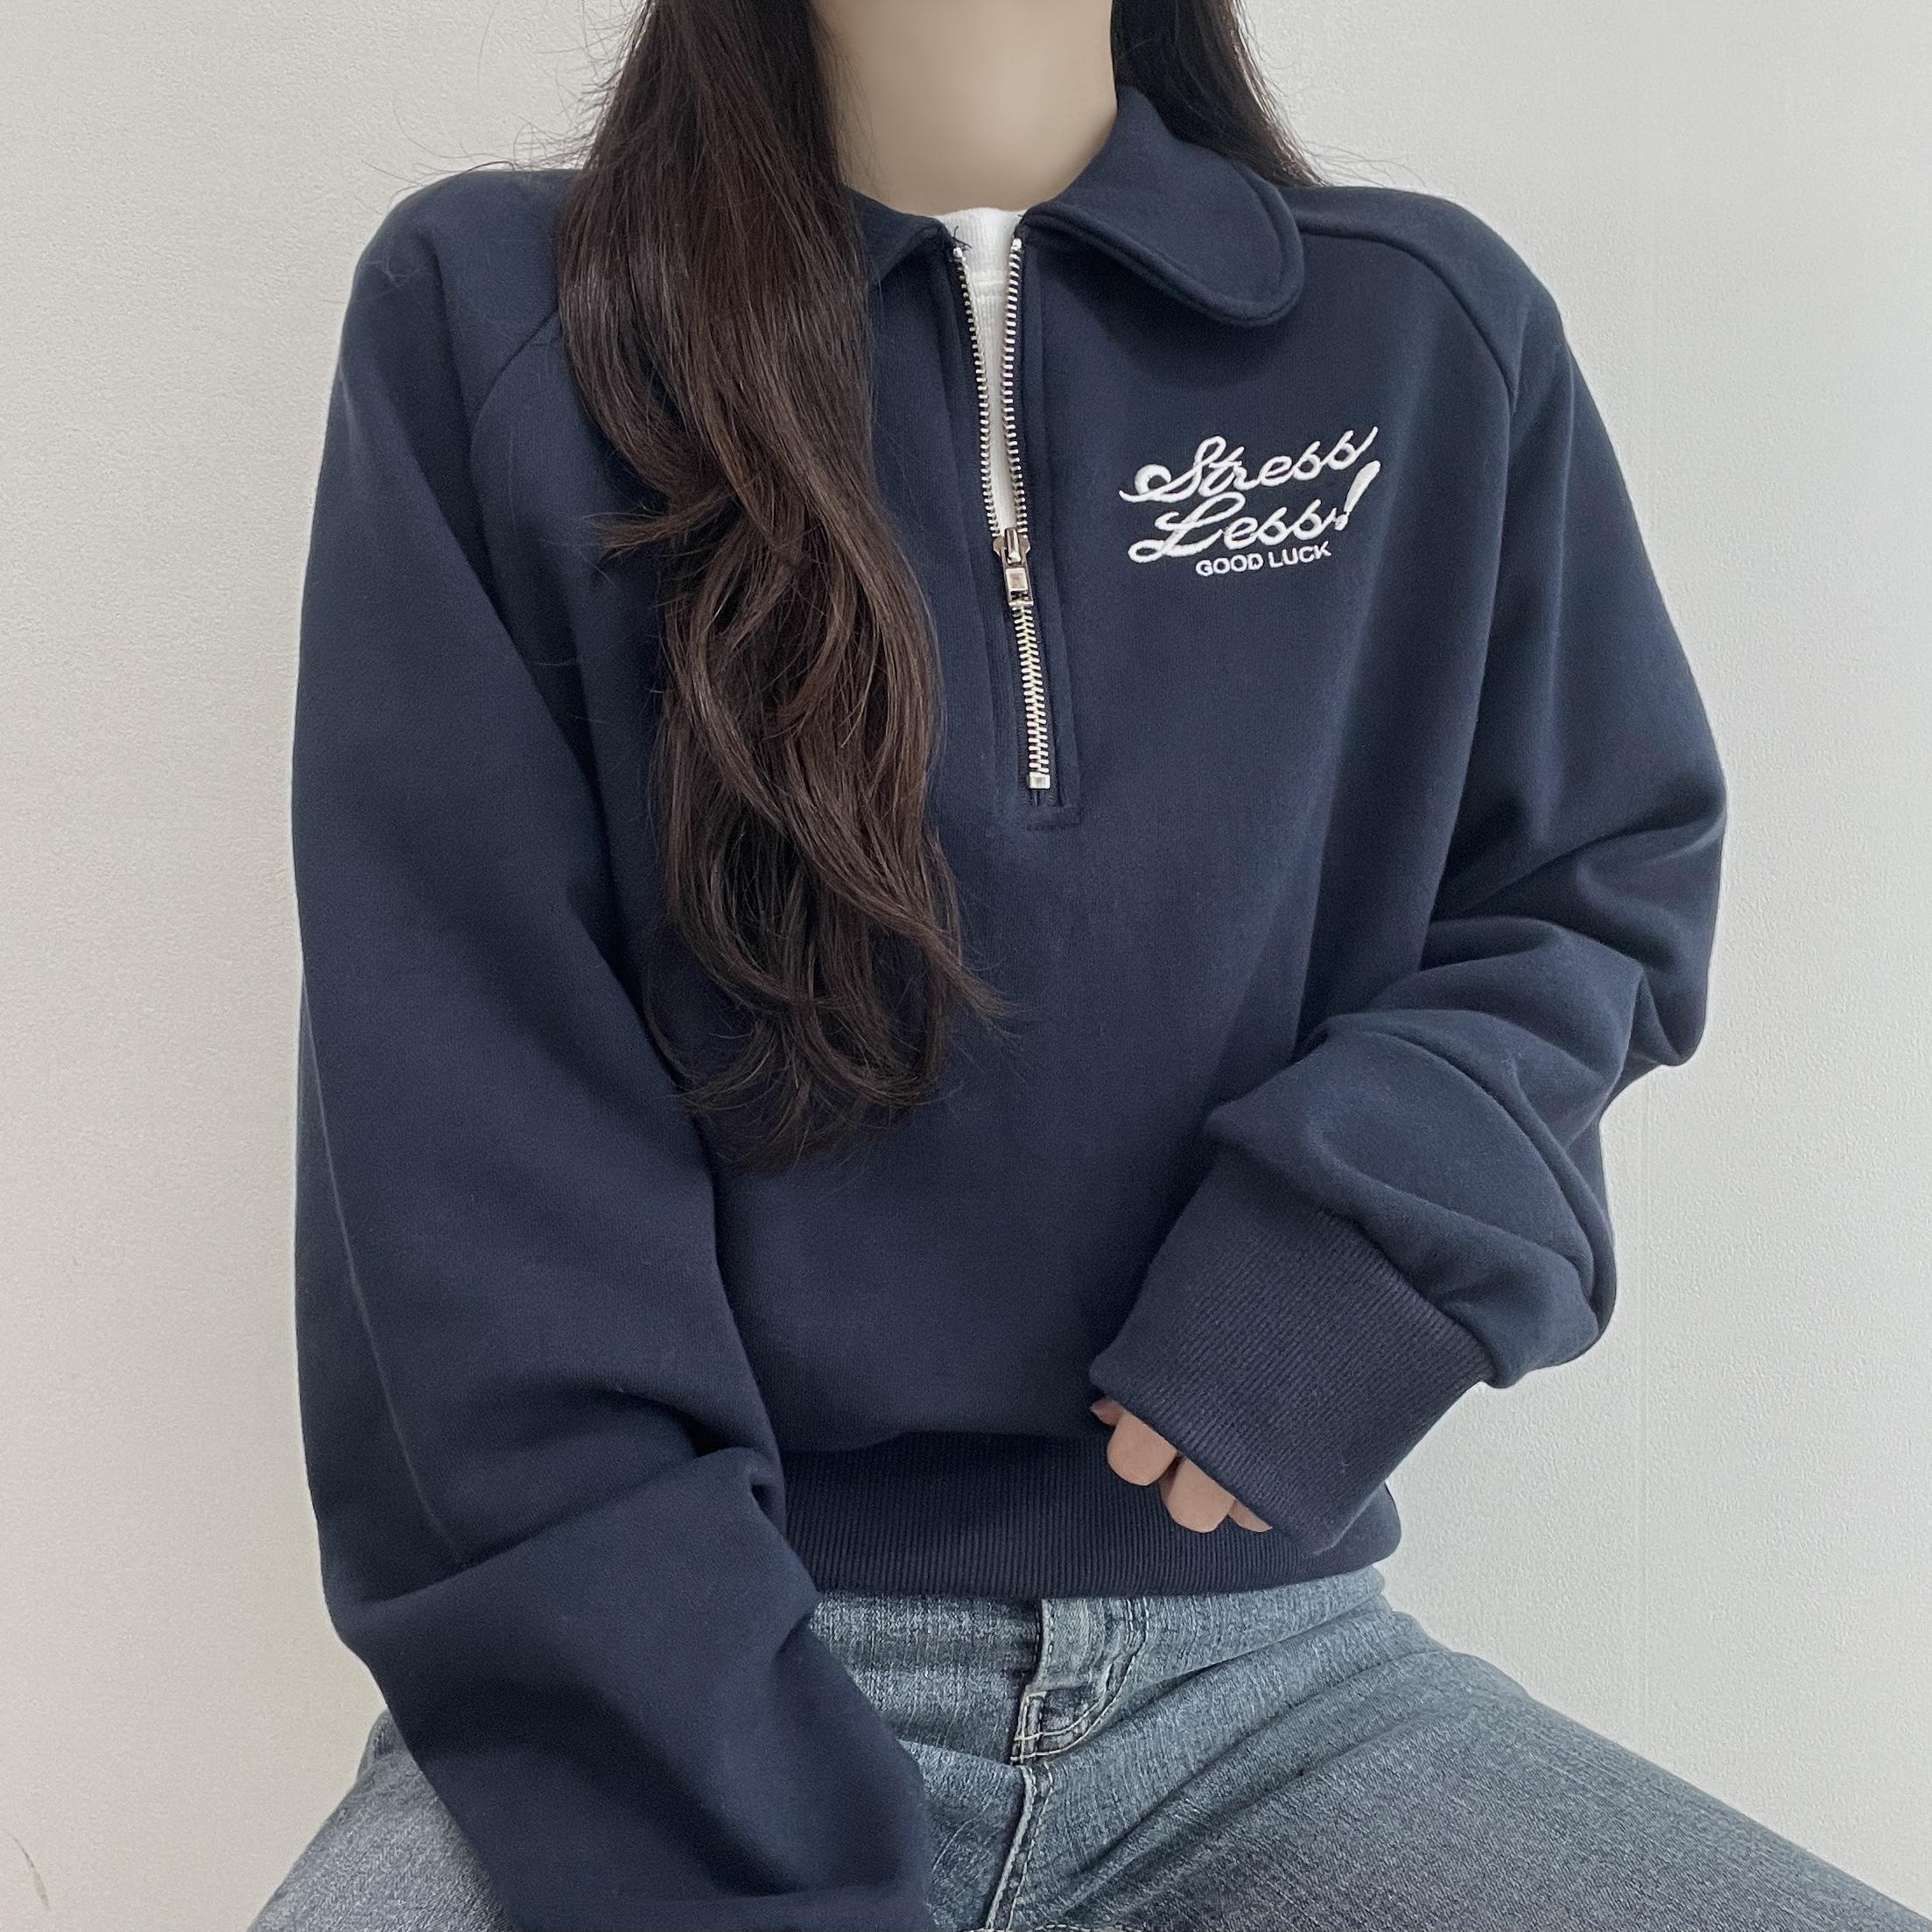 Good Luck, KARA's semi-zip-up Anorak Daily Sweatshirt